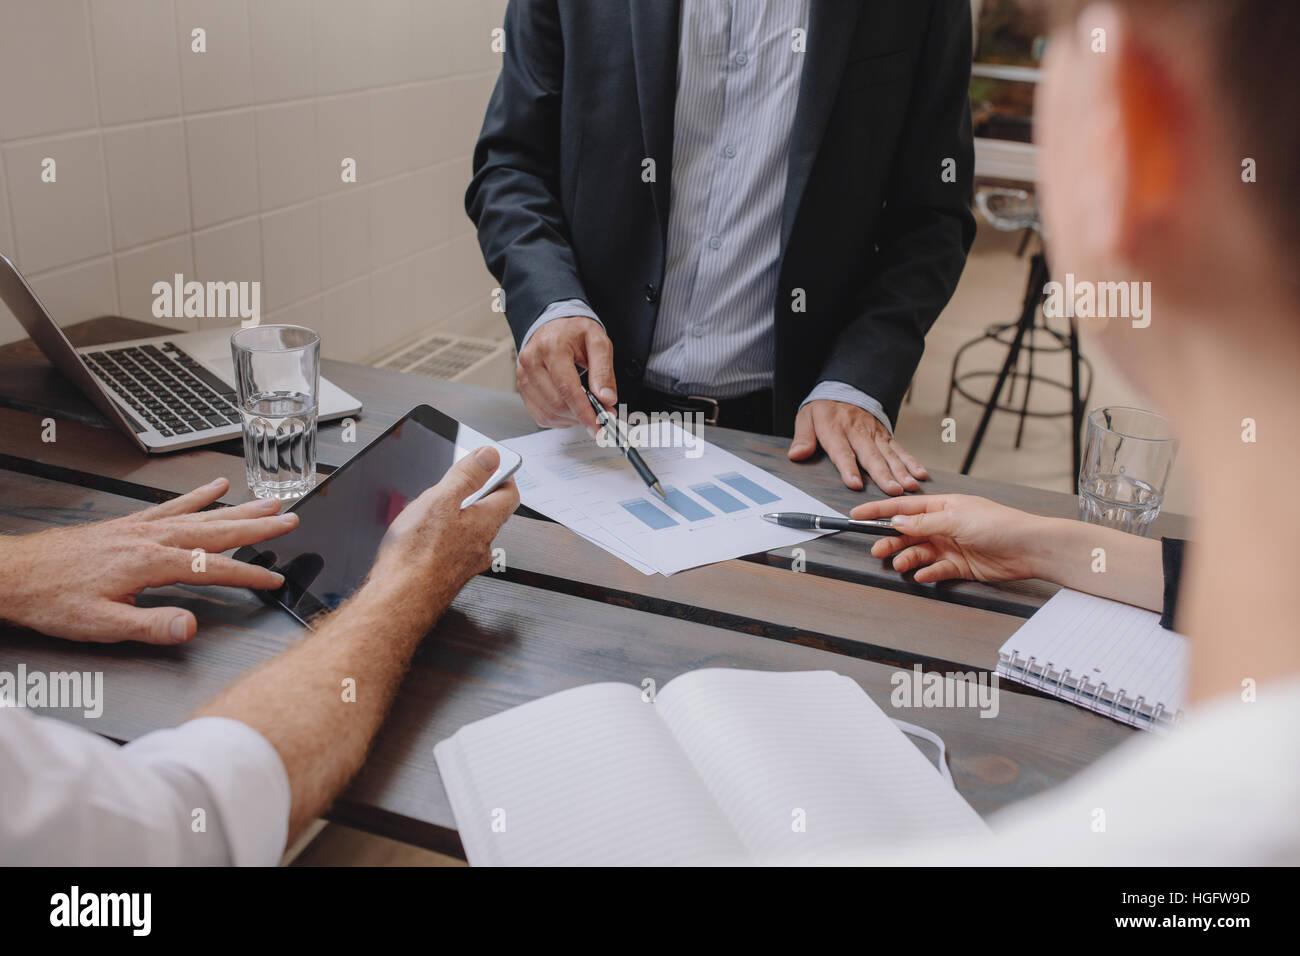 plan d'affaires pour le service de rencontres rencontre un gars de 24 ans